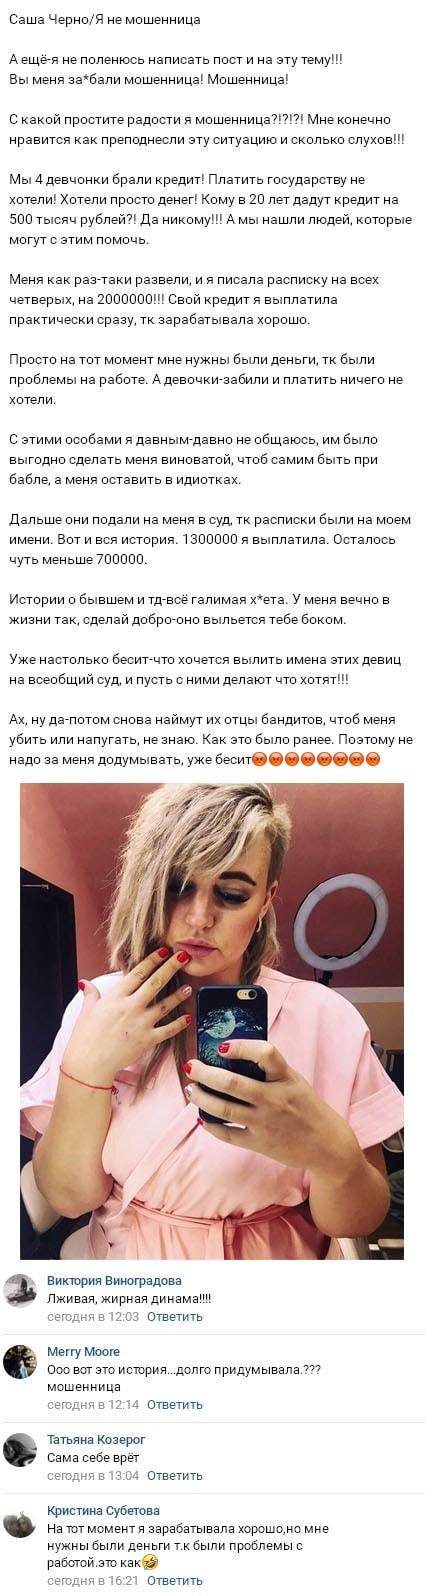 Александра Черно озвучила новую версию по поводу долга в 2 миллиона рублей